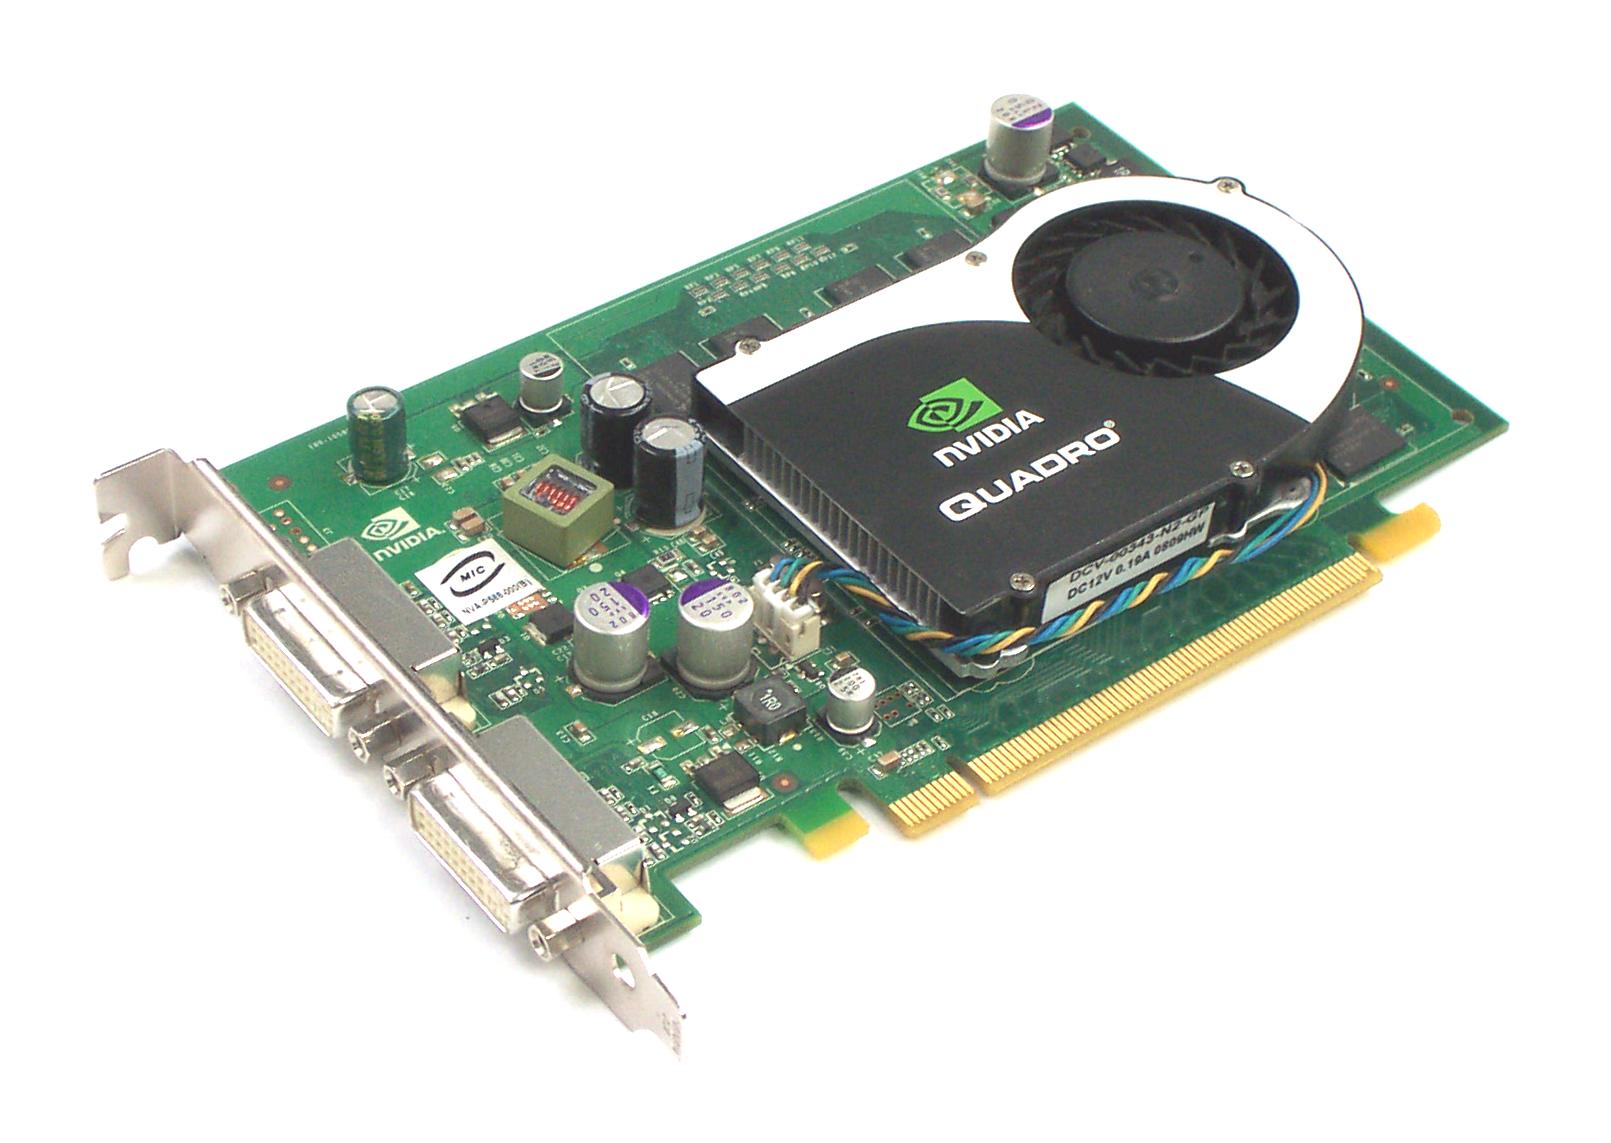 Dell WX397 nVidia Quadro FX 570 256MB PCIe Dual DVI Graphics Card